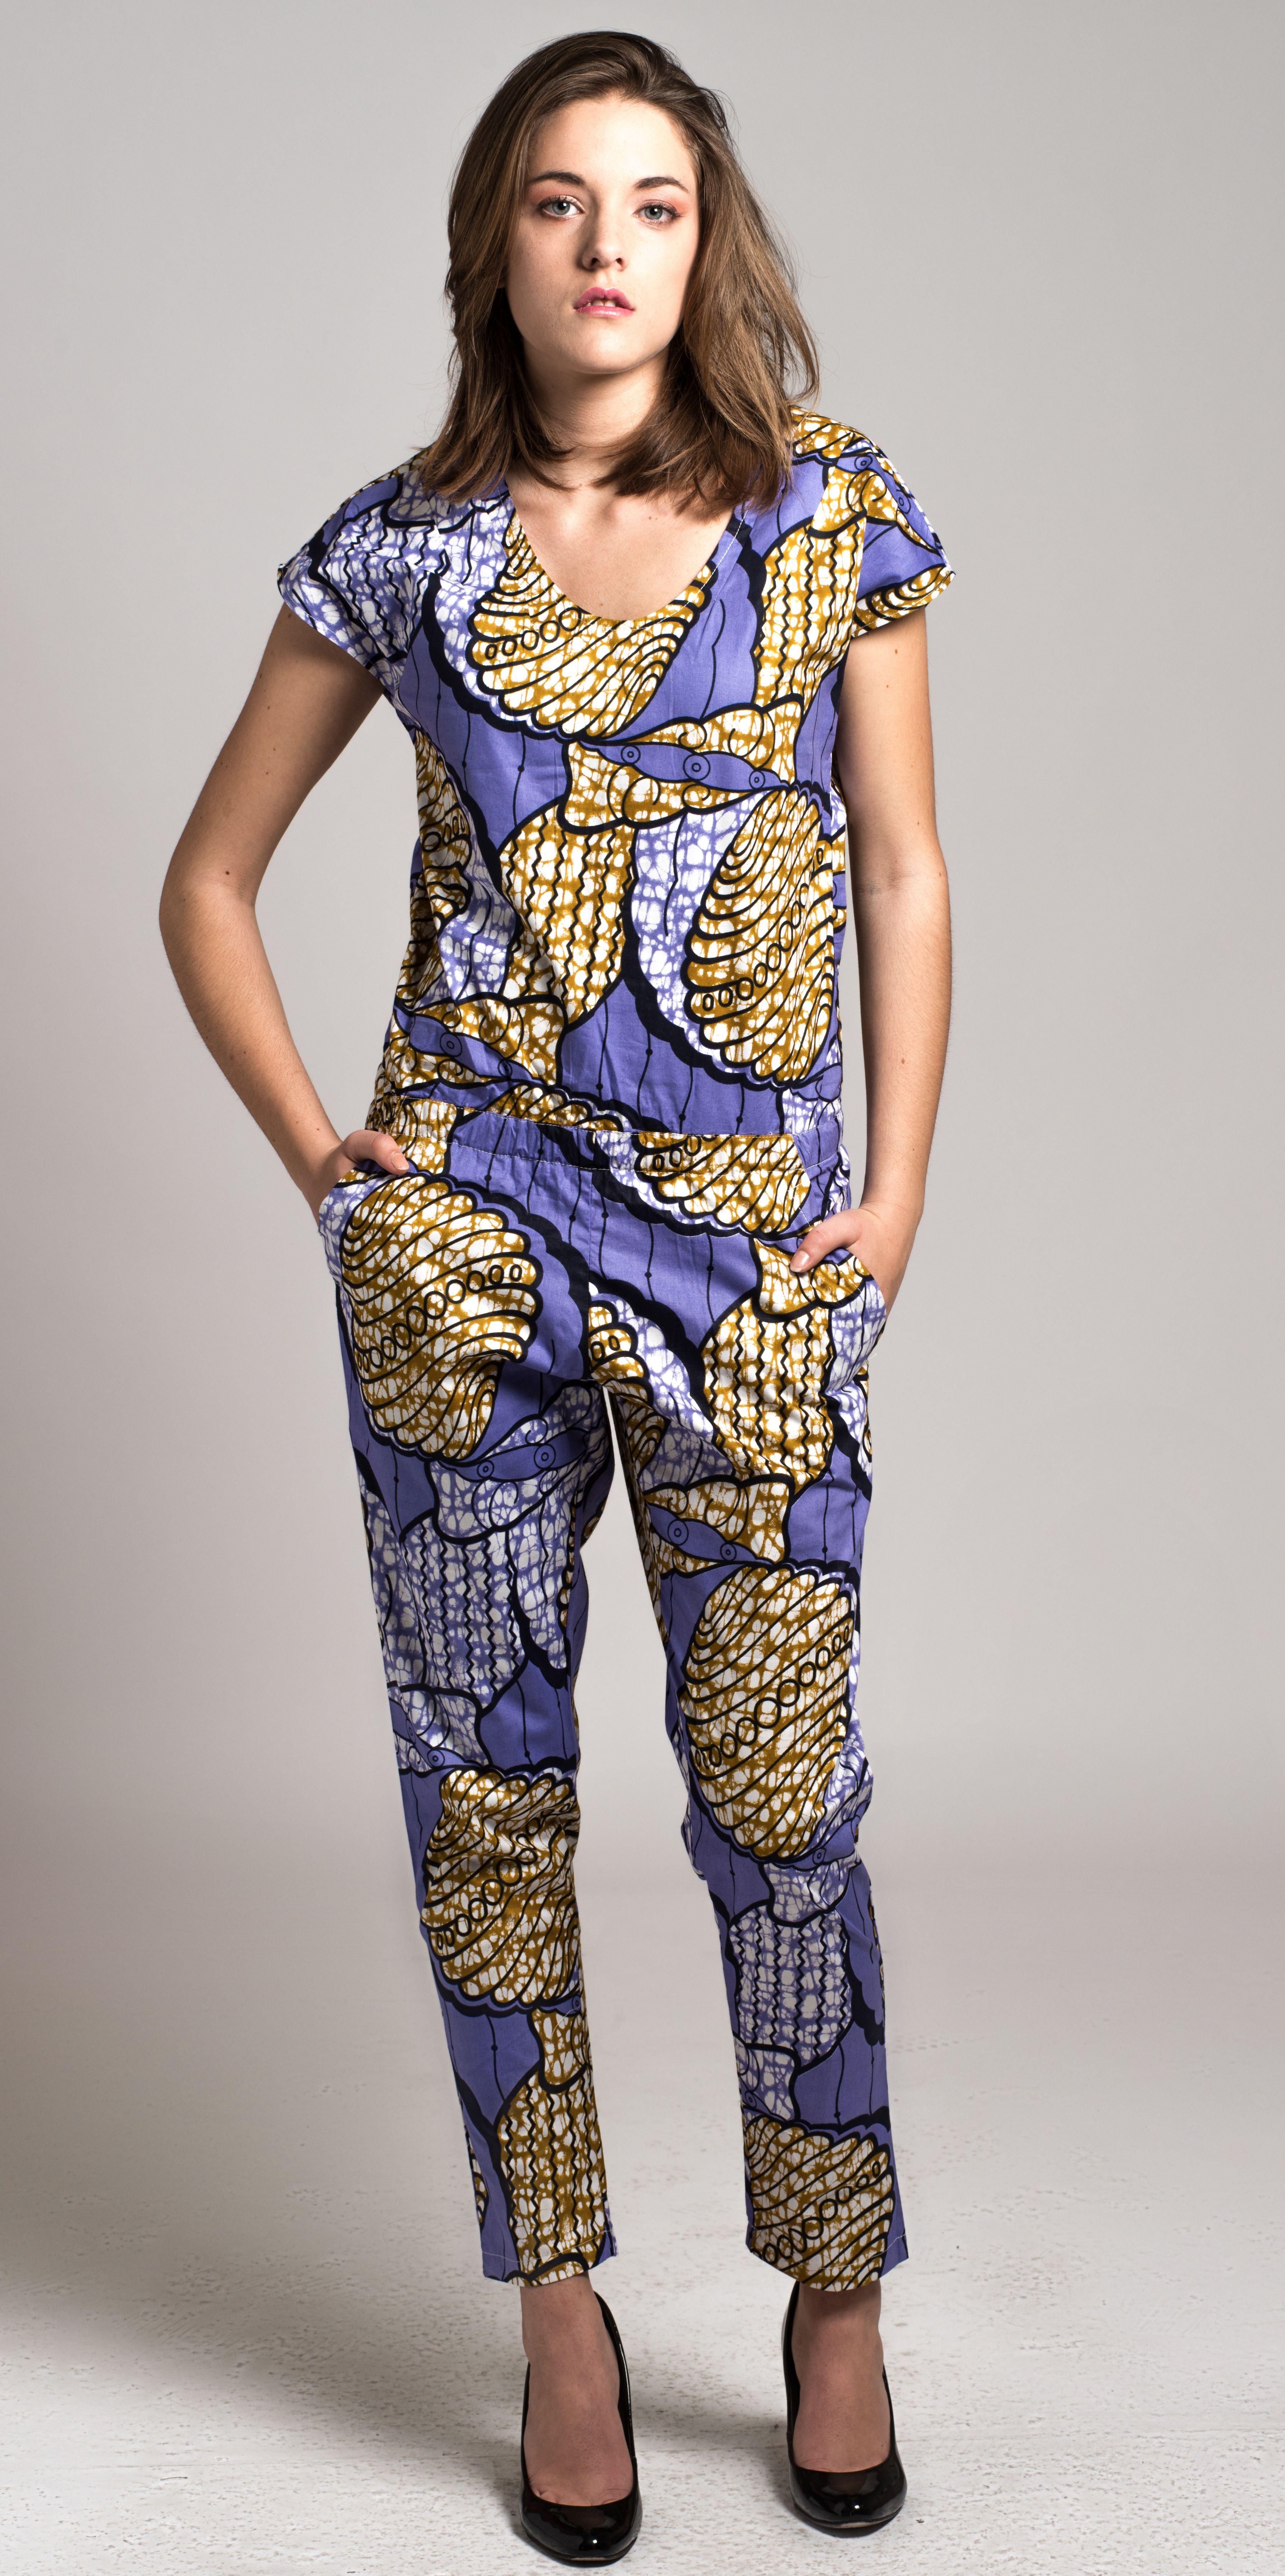 combinaison en wax africain couture wax pinterest combinaisons lieux et tableau. Black Bedroom Furniture Sets. Home Design Ideas